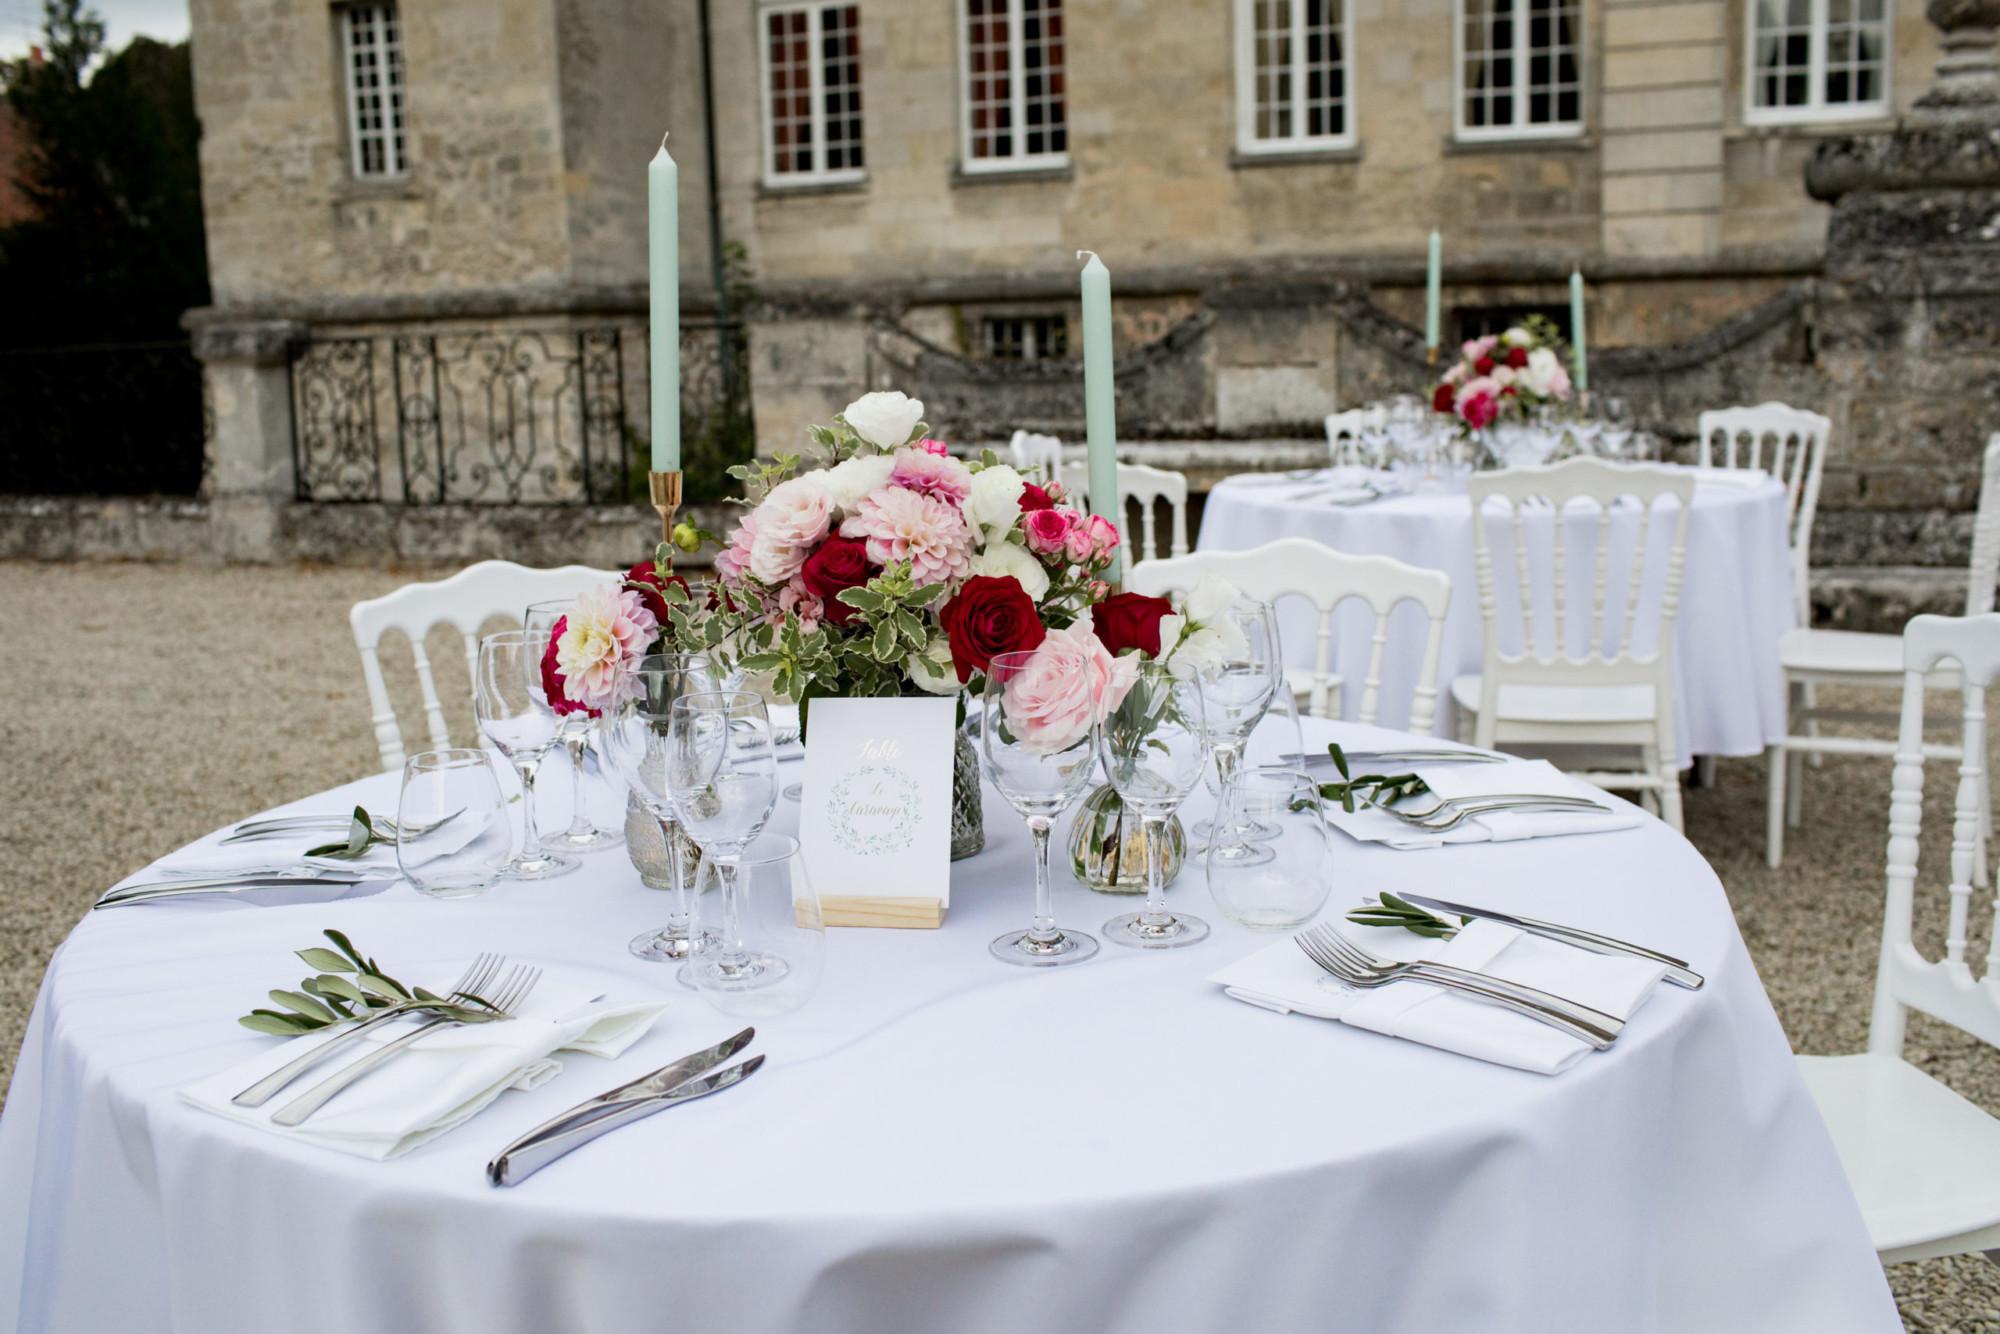 floral designer, wedding designer, décoration de mariage, fleuriste mariage, cérémonie laïque